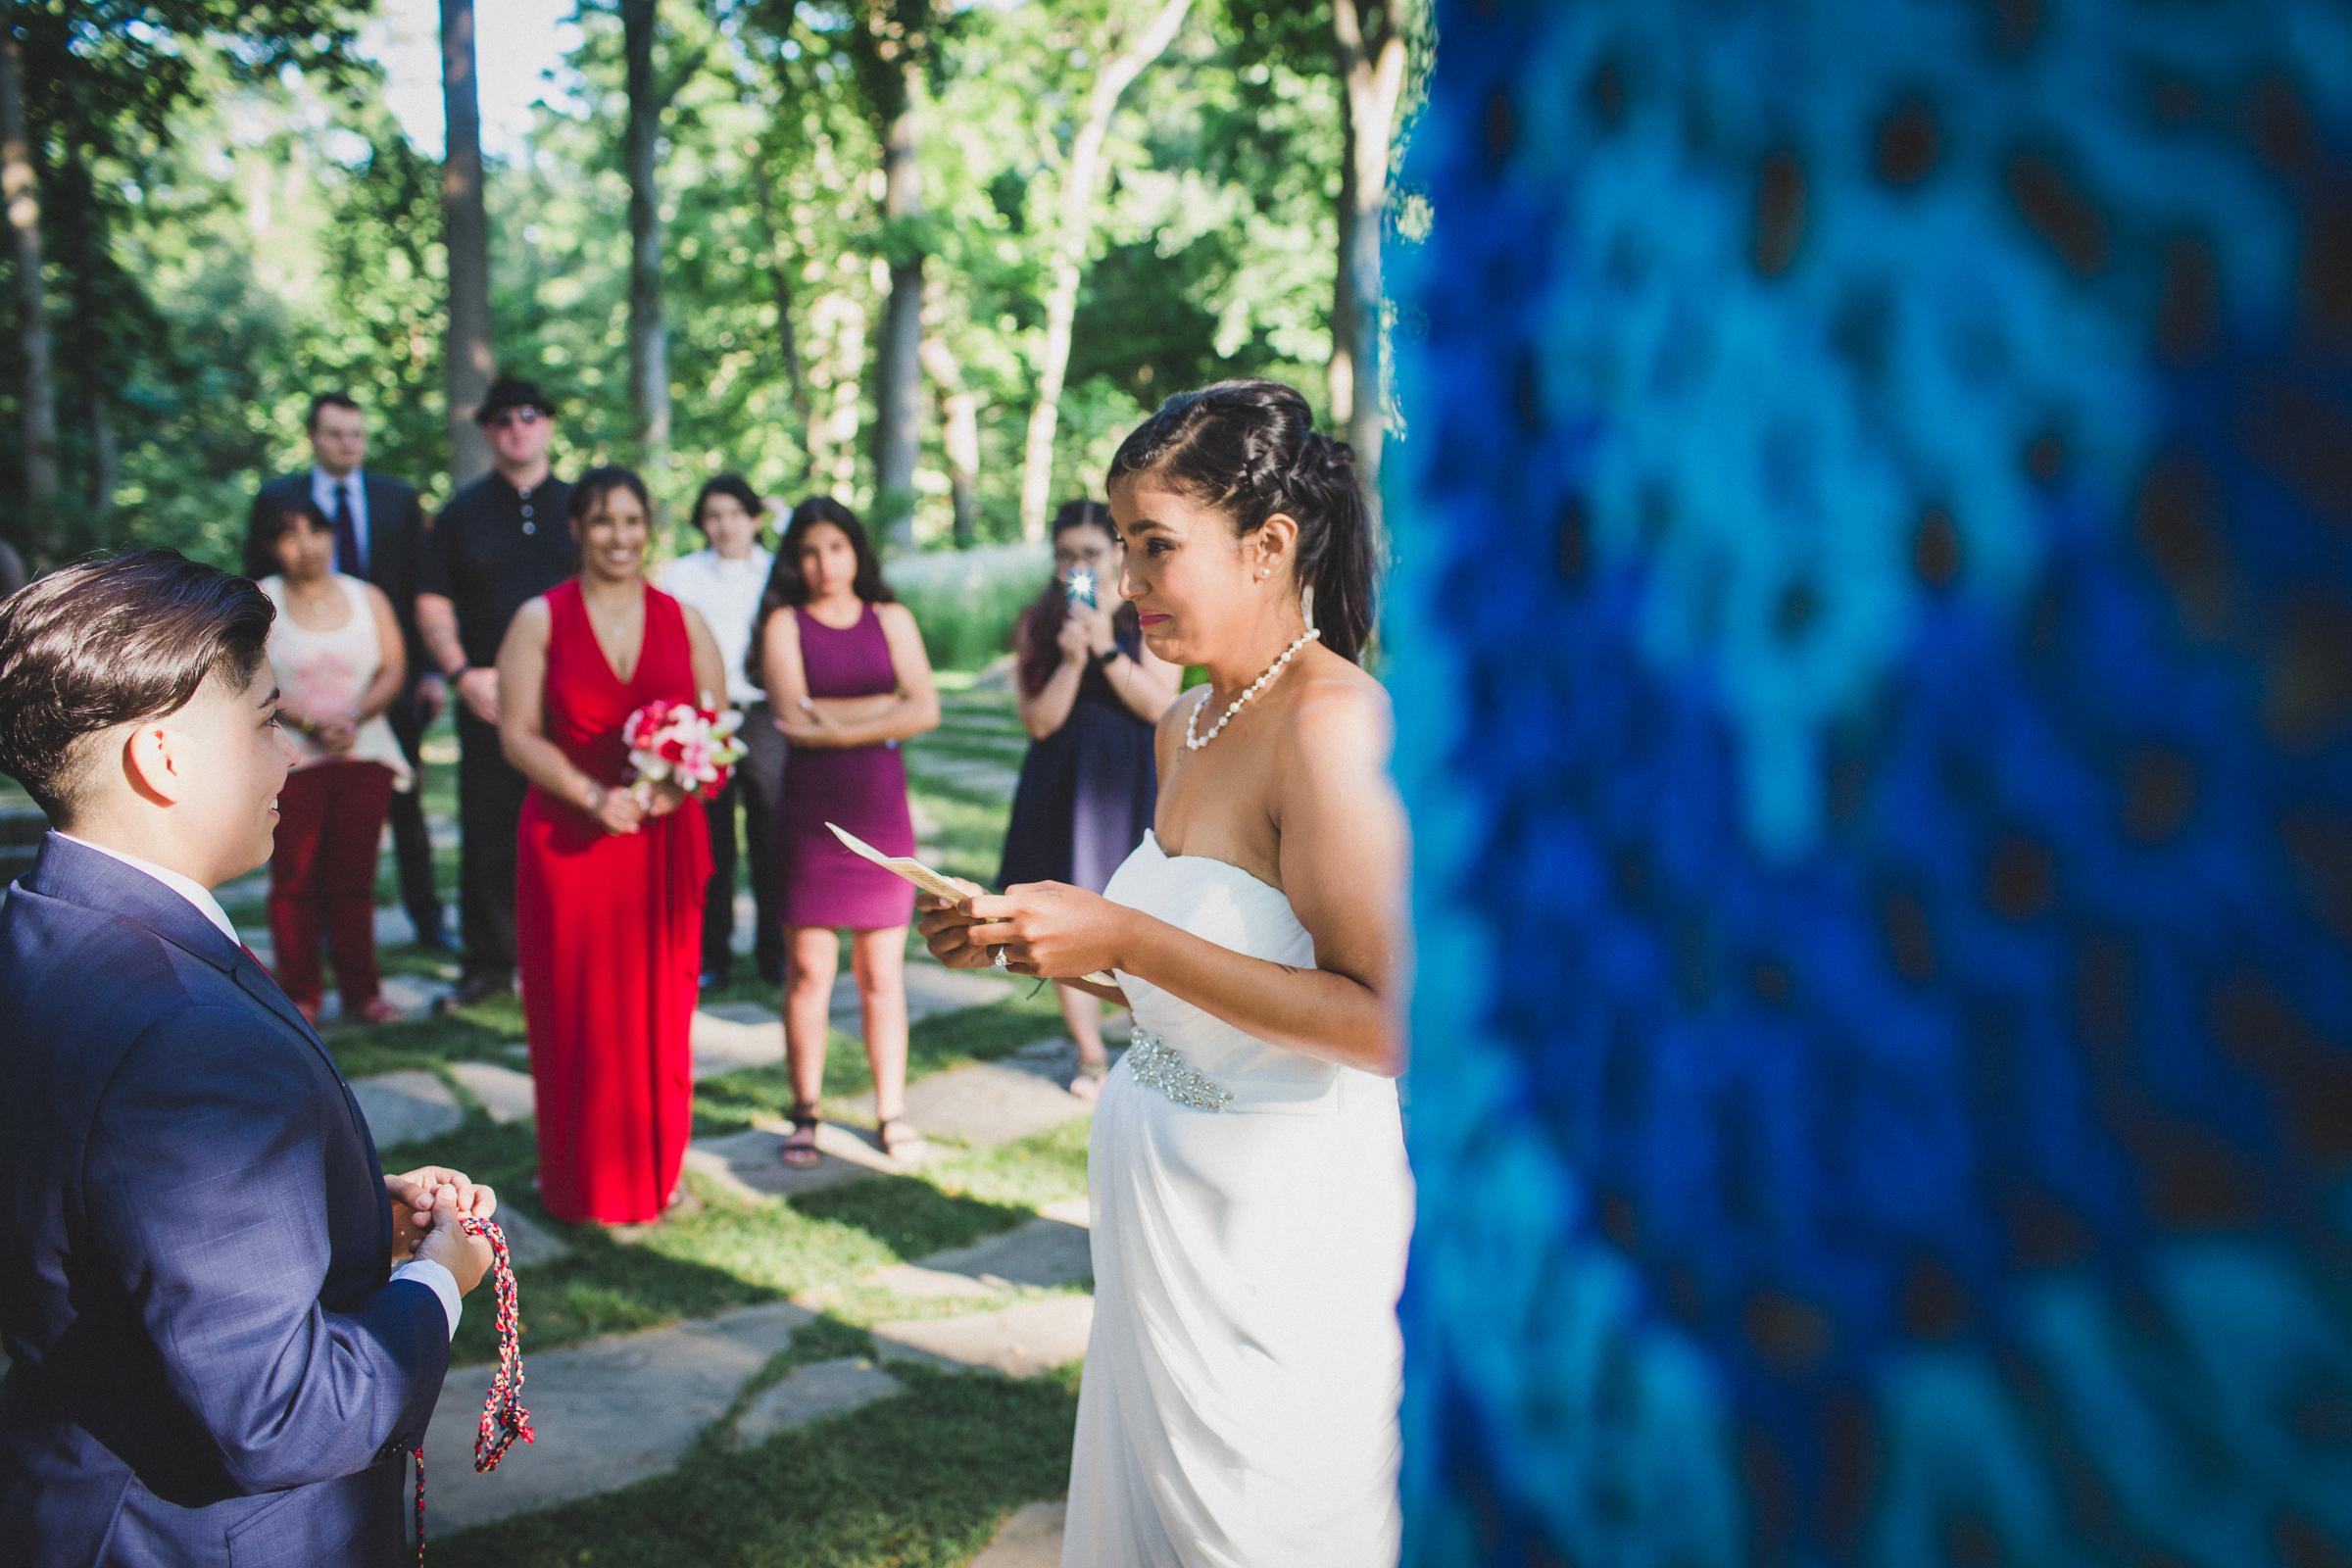 Long-Island-Documentary-Wedding-Photographer-Avalon-Park-Wedding-Photos-28.jpg